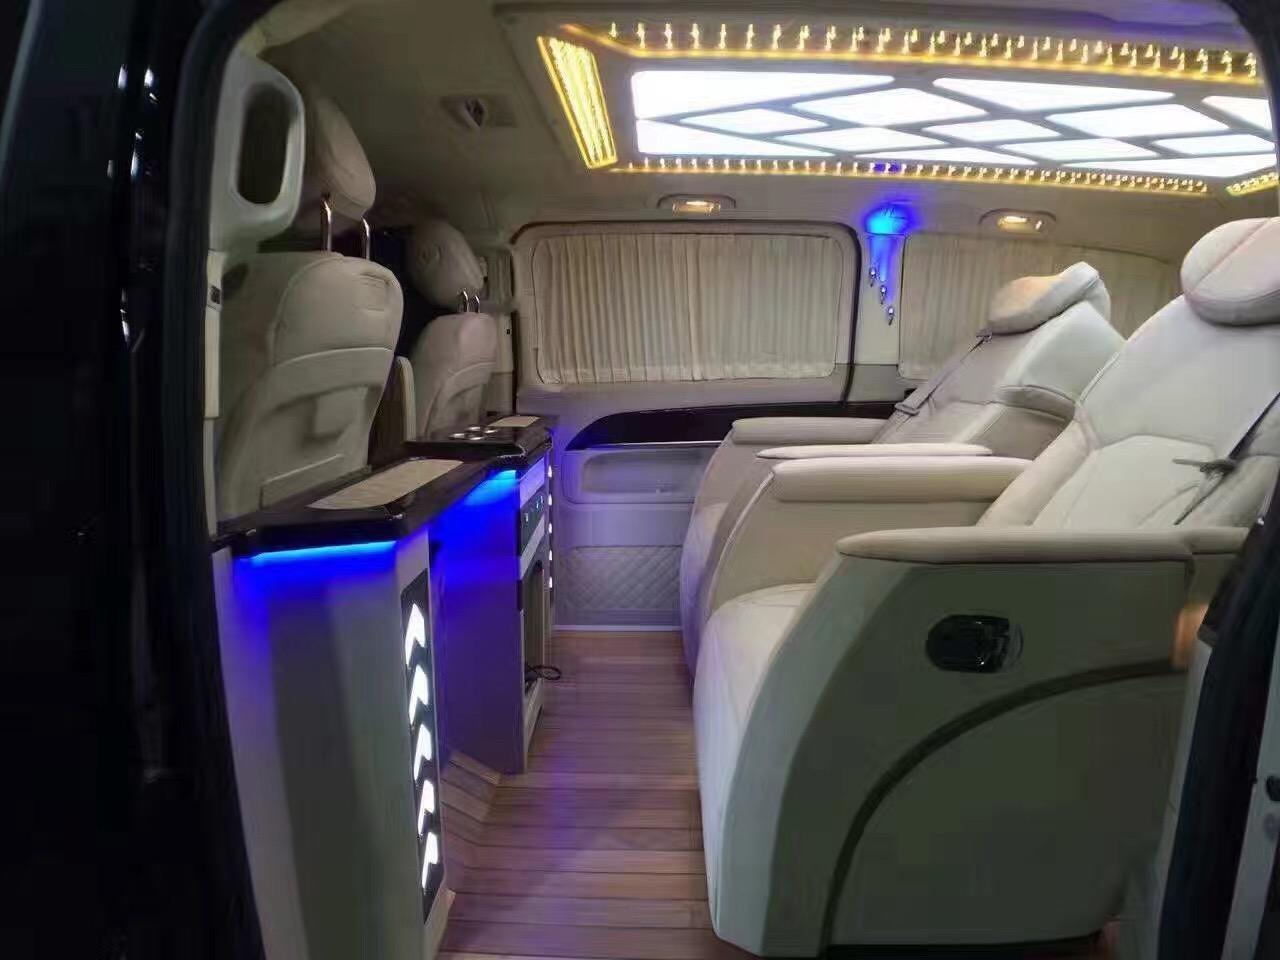 汽车内饰改装、汽车内饰翻新、座椅改装、车厢内置豪华办公桌、电动与手动旋转座椅、电动及手动秘书桌、豪华电动窗帘、日本车载冰箱与外装饰,DVD音响与电脑系统、全车地毡等。每个座位还可以配给电动按摩、调节加热系统、耳机插座、麦克风插座、LED高亮度阅读灯等等一应俱全。并可按不同客户要求、根据本厂专业的设计,进行车内人性化的装修。